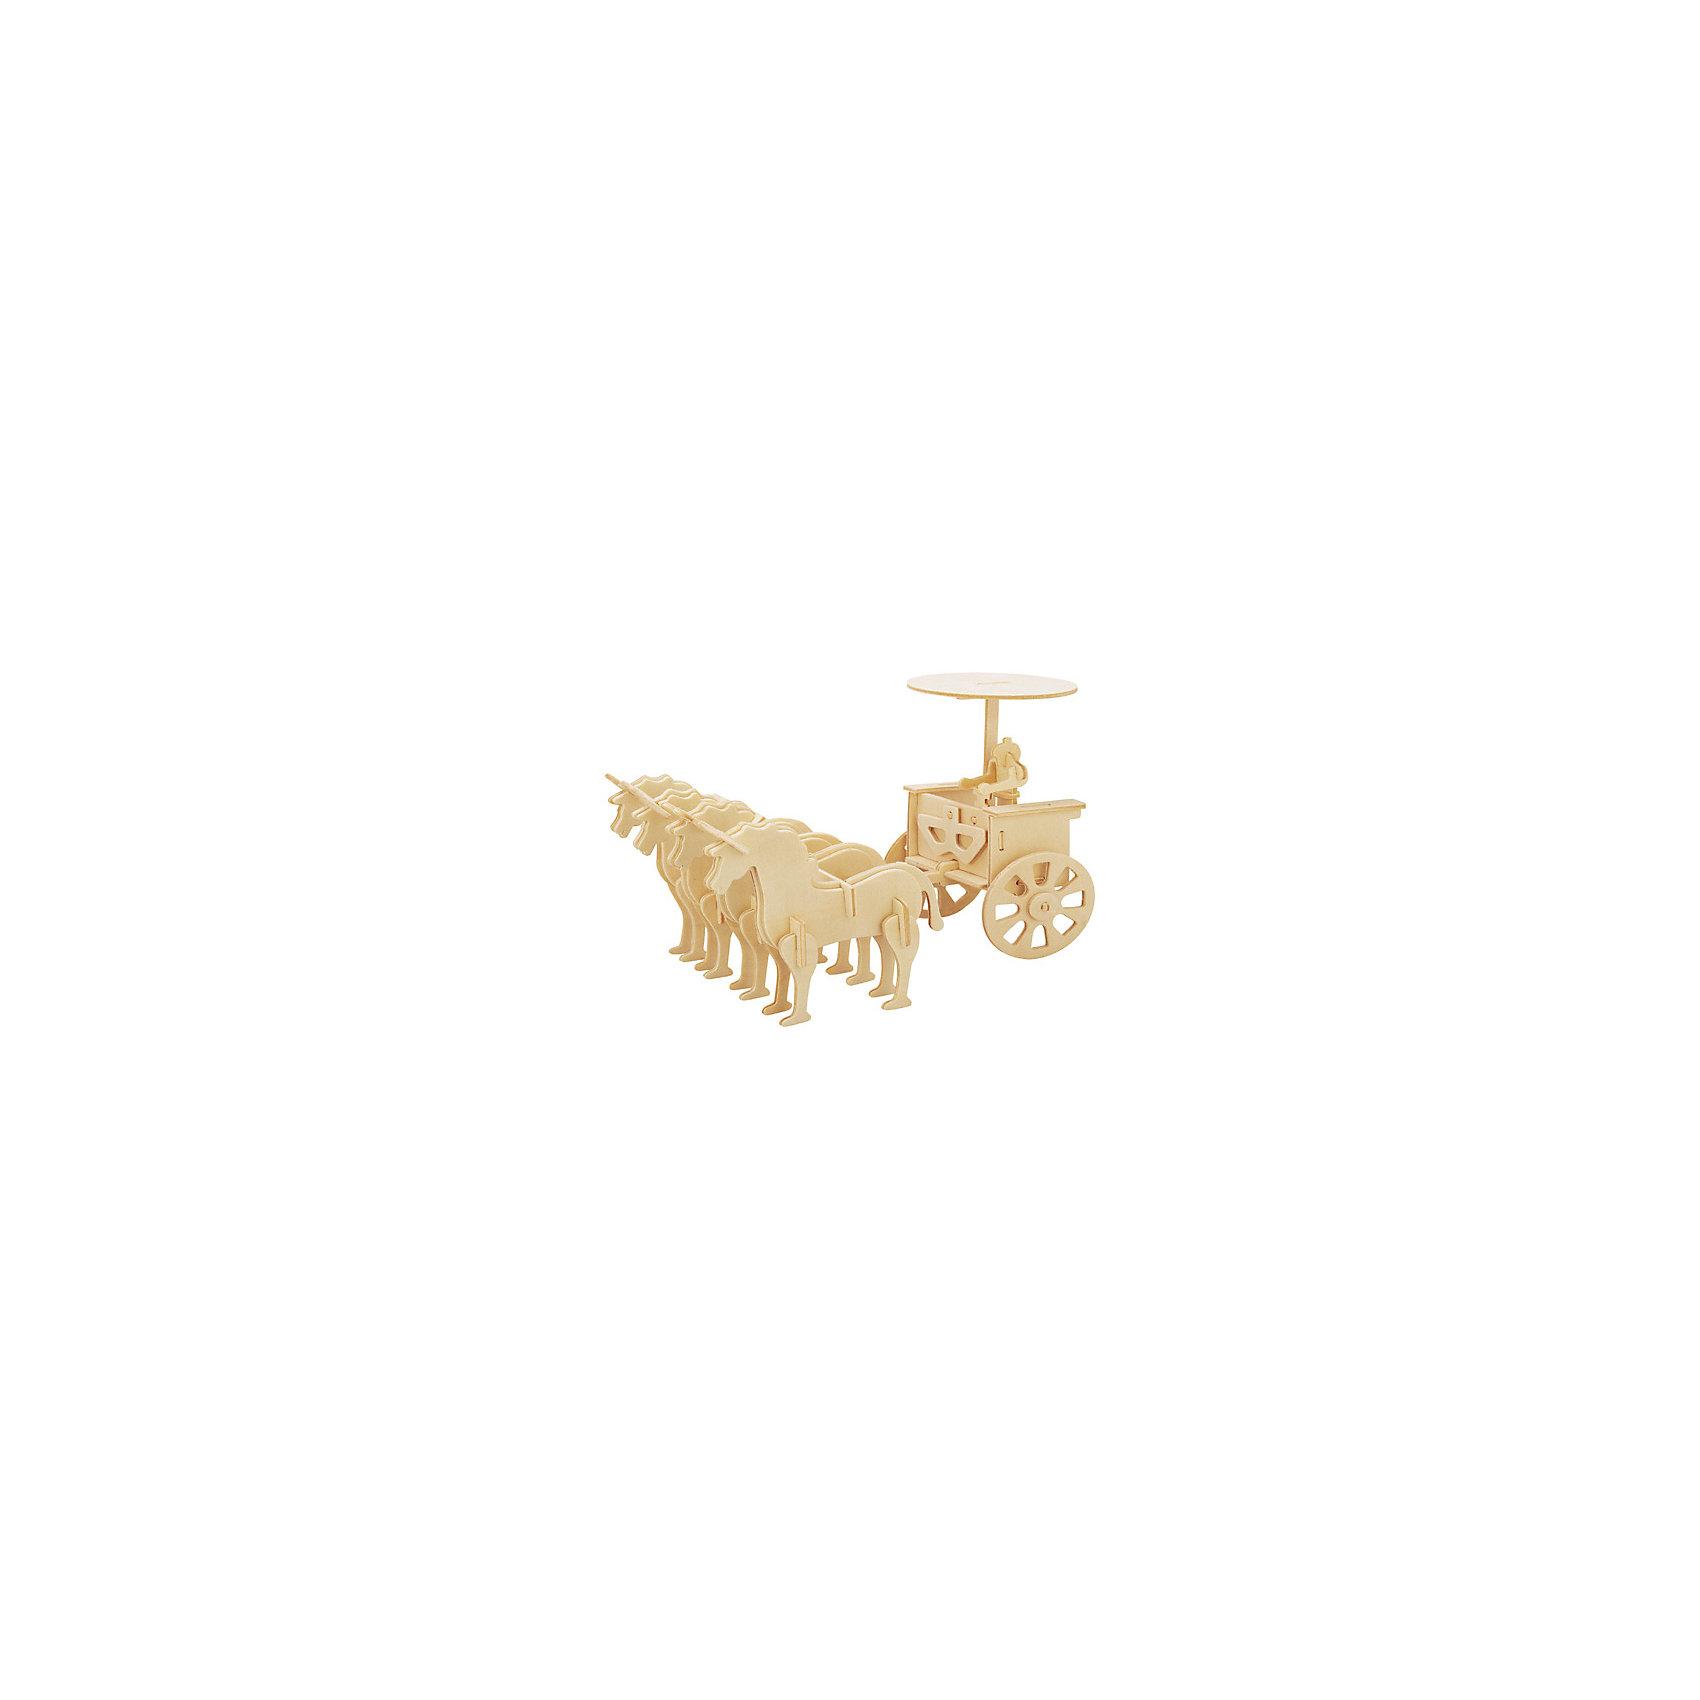 МДИ Прогулочная колесница, Мир деревянных игрушек игрушка мир деревянных игрушек лабиринт слон д345